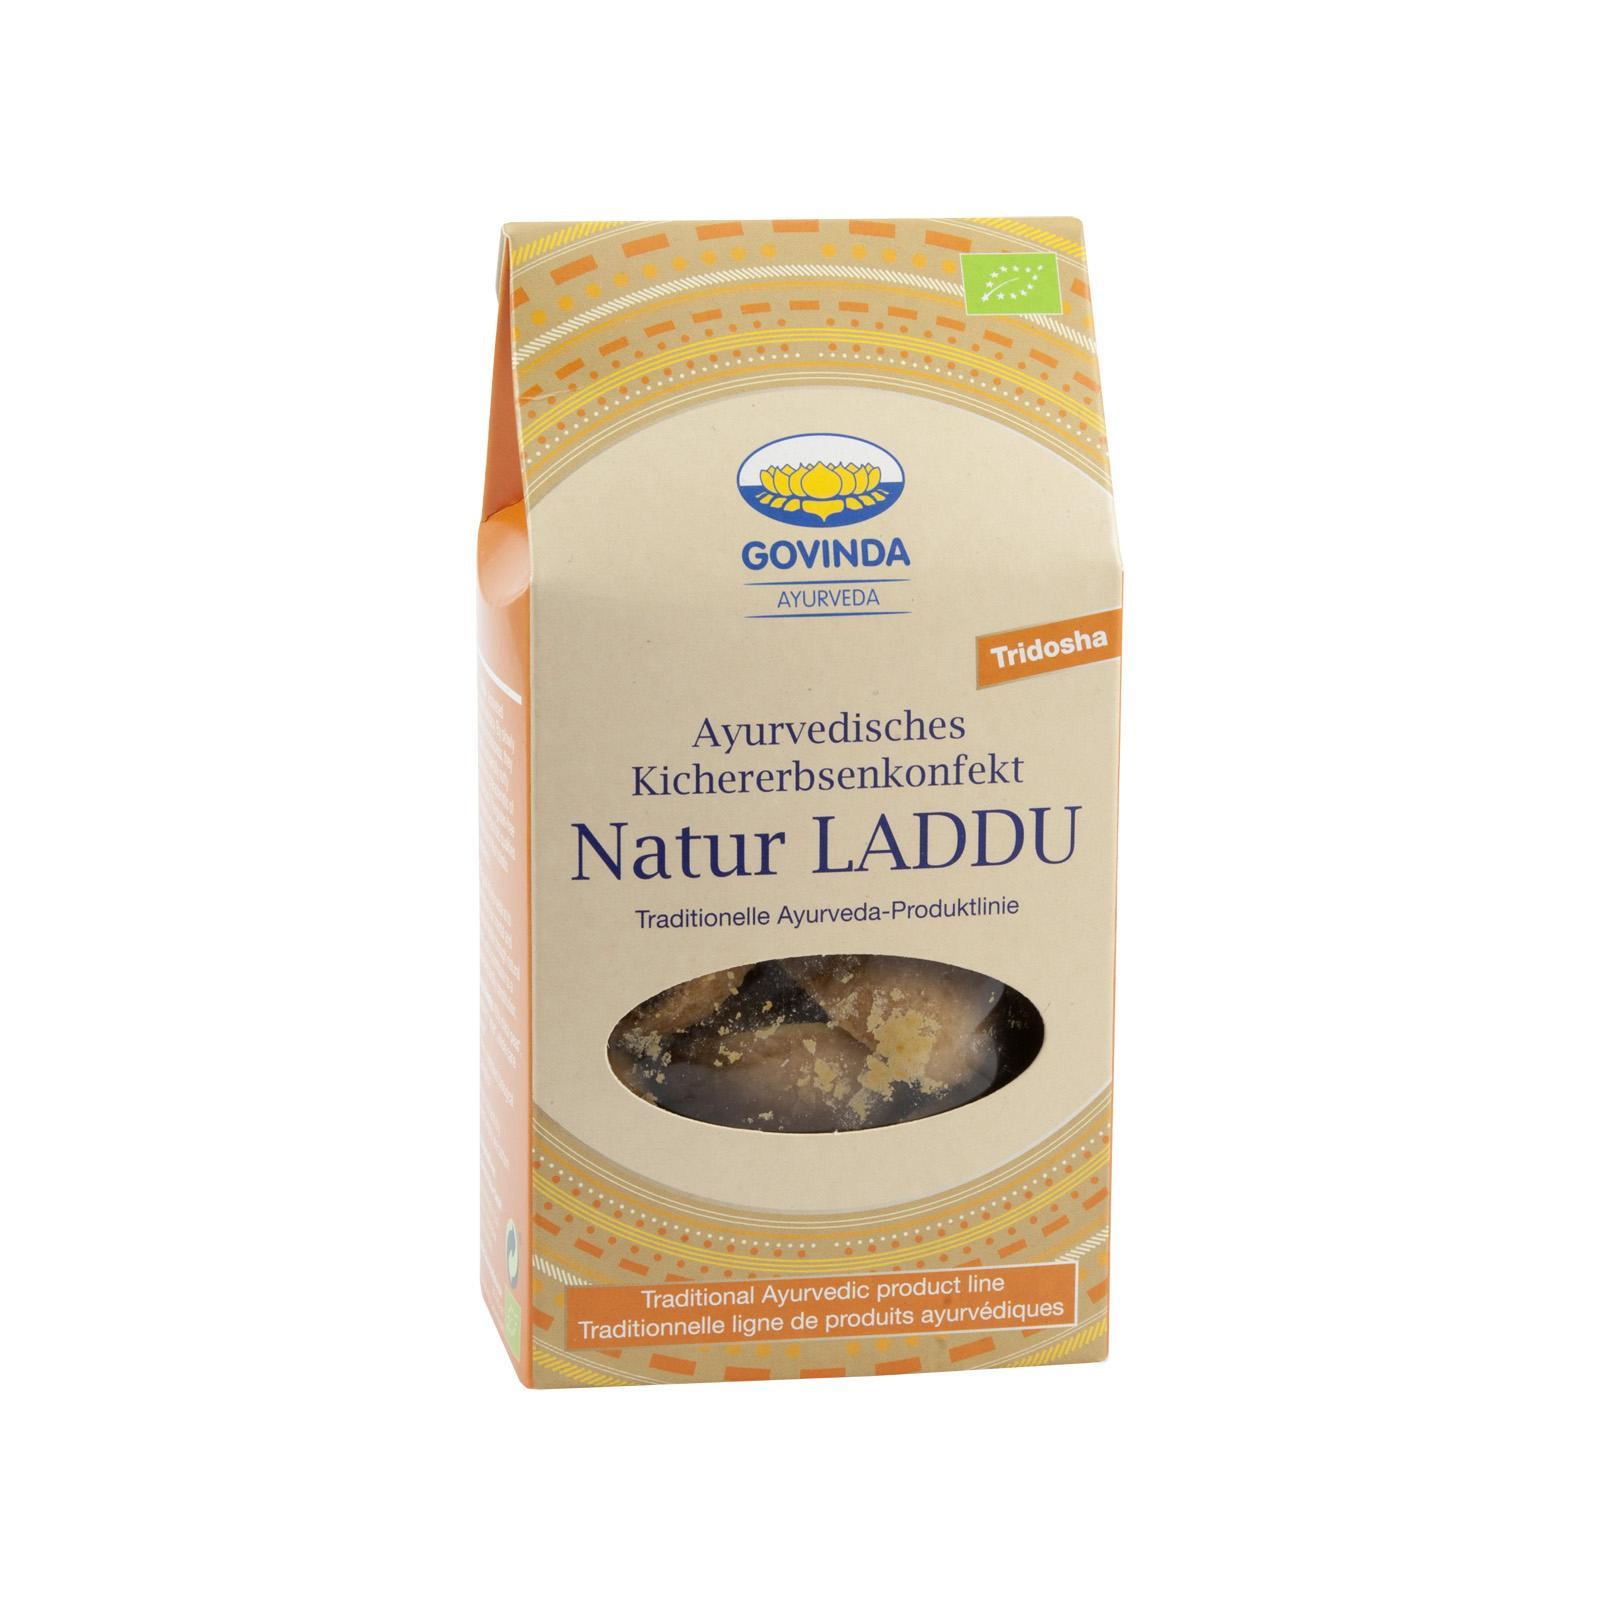 Govinda Ajurvédské cukroví Laddu, Tridosha 120 g